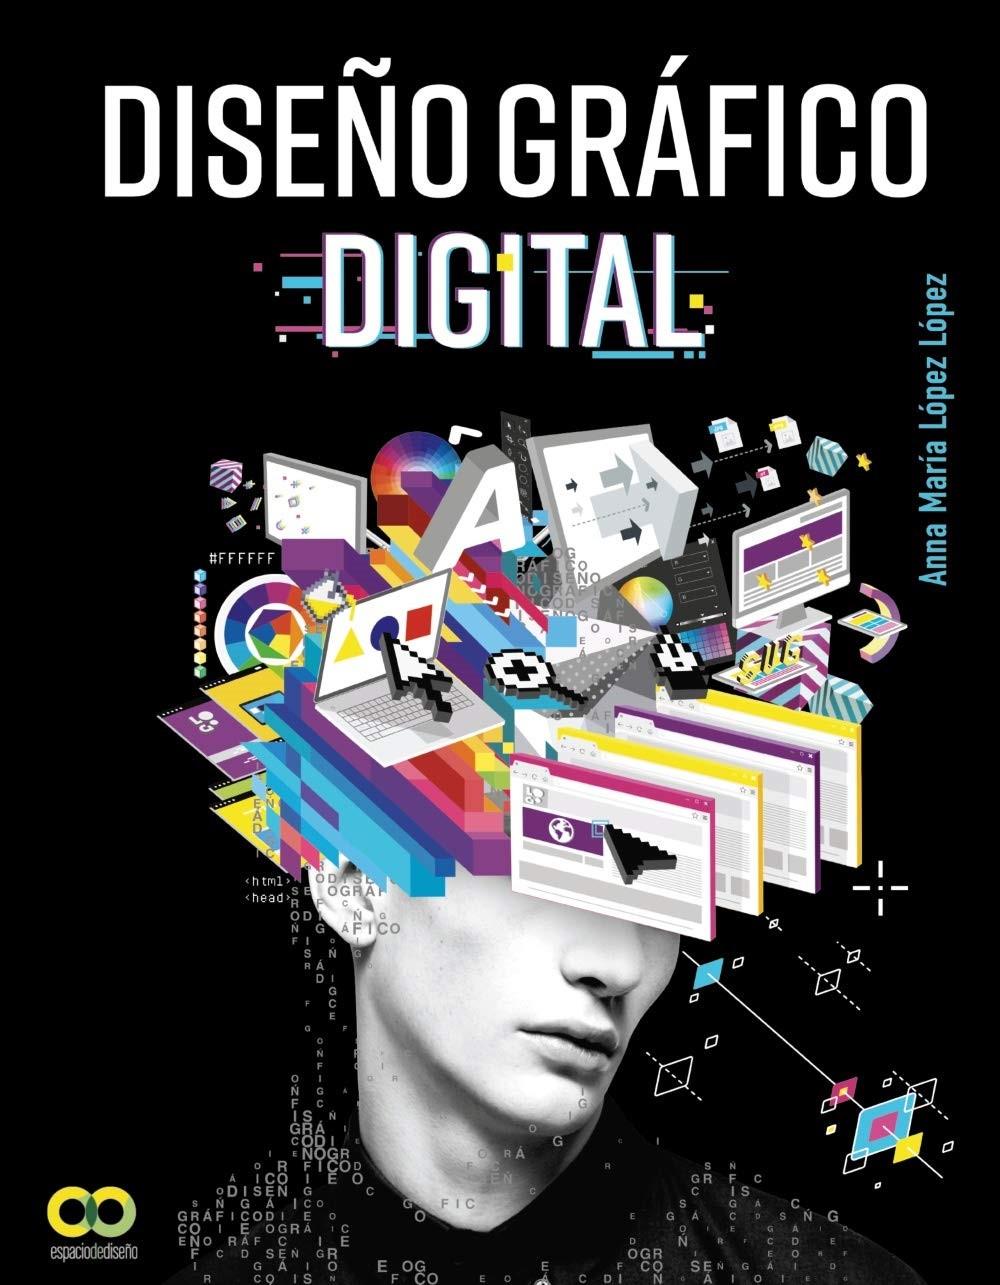 Libros para diseñadores gráficos Diseño gráfico digital